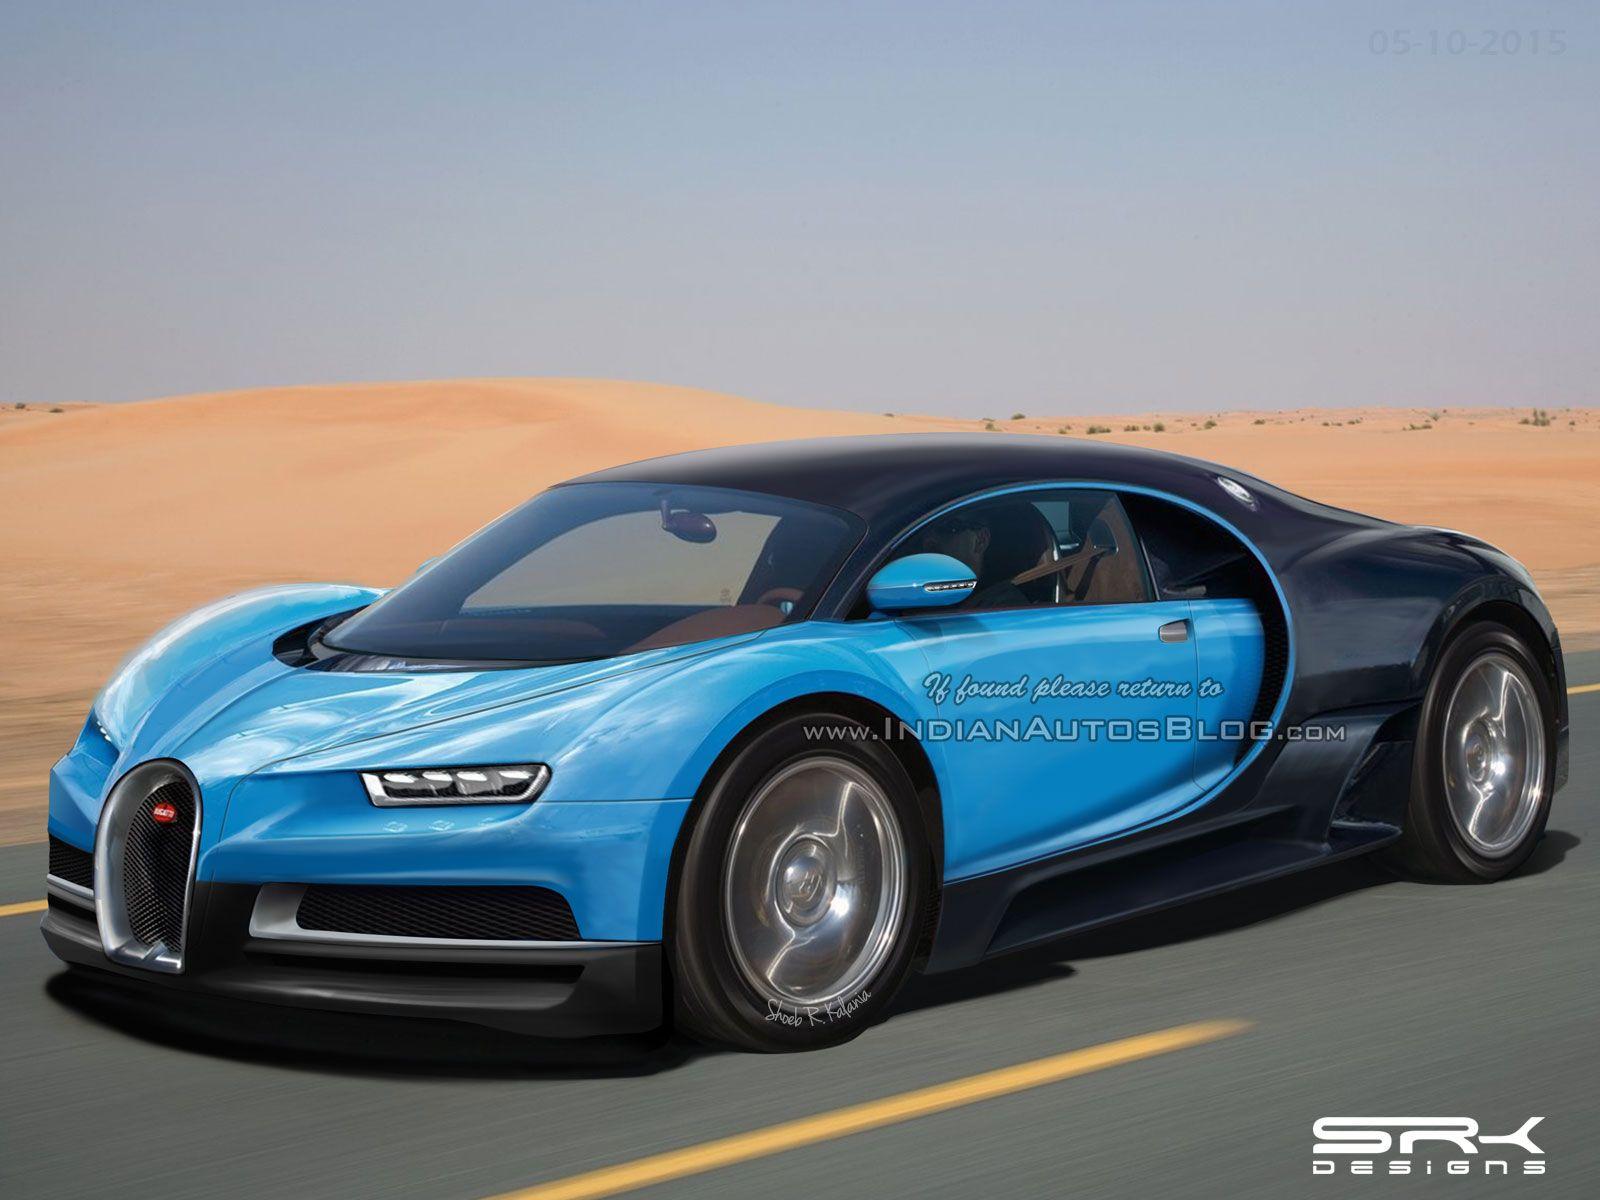 f6018d2b9faa5da1e05302a130e98ff3 Fabulous Bugatti Veyron Price In south Africa Cars Trend